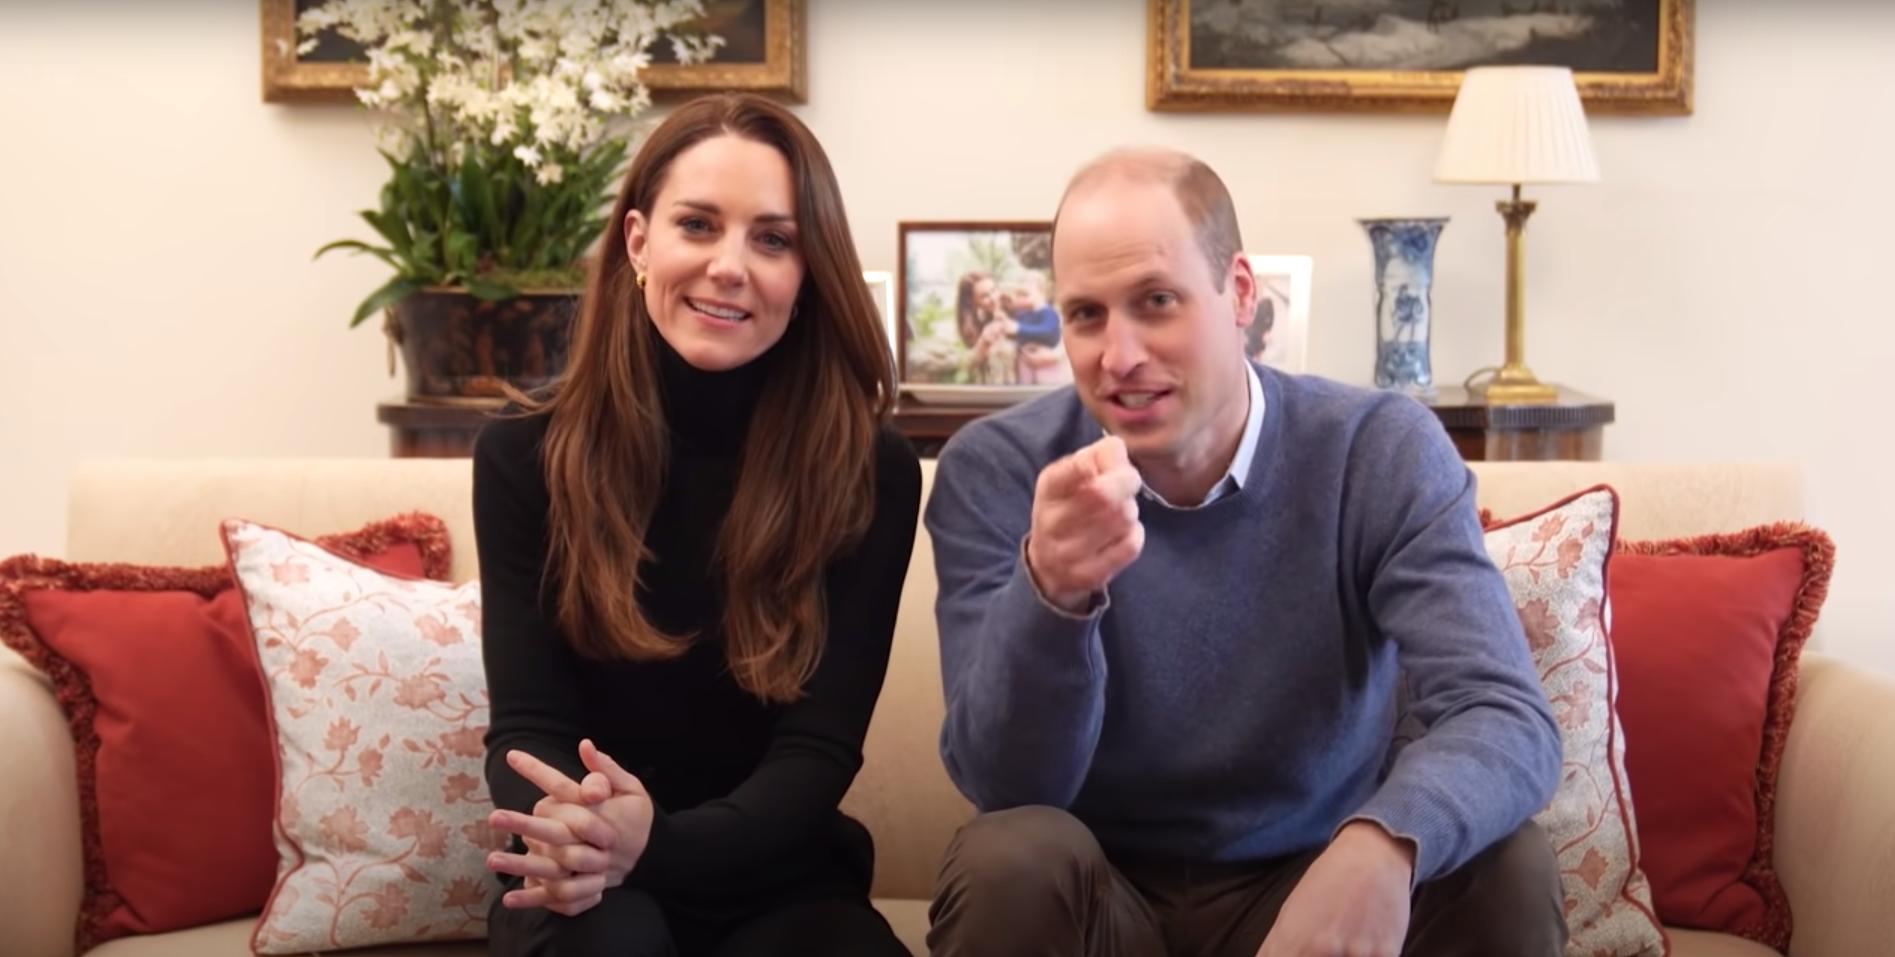 凱特王妃與威廉王子進軍 YouTube 界,還有哪些身價最貴的 YouTuber 值得關注?